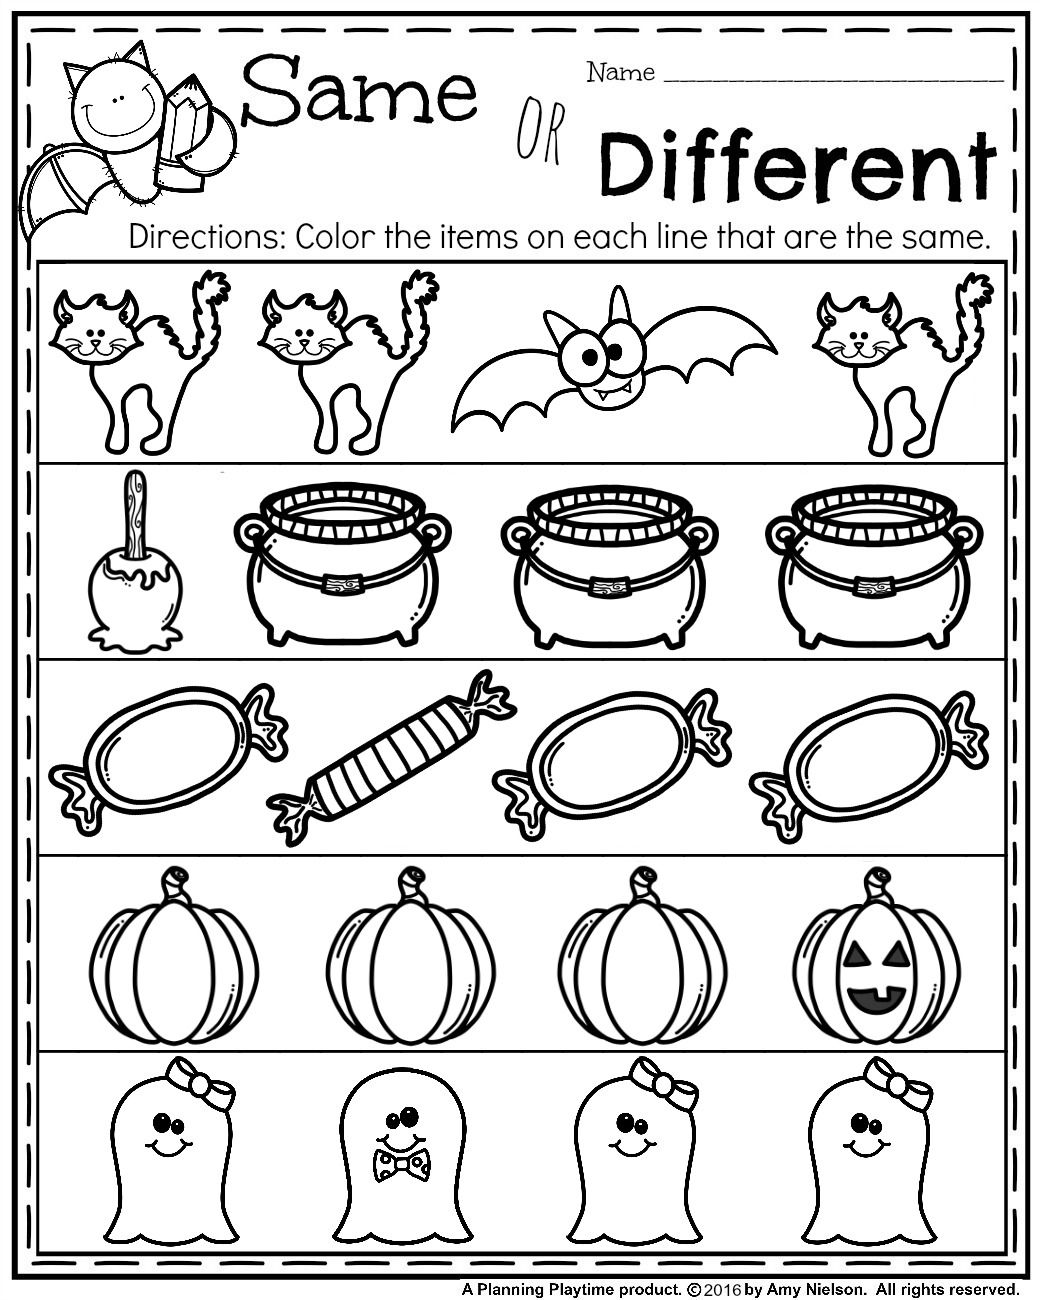 October Preschool Worksheets Planning Playtime Halloween Worksheets Preschool Halloween Preschool Halloween Kindergarten [ 1300 x 1040 Pixel ]